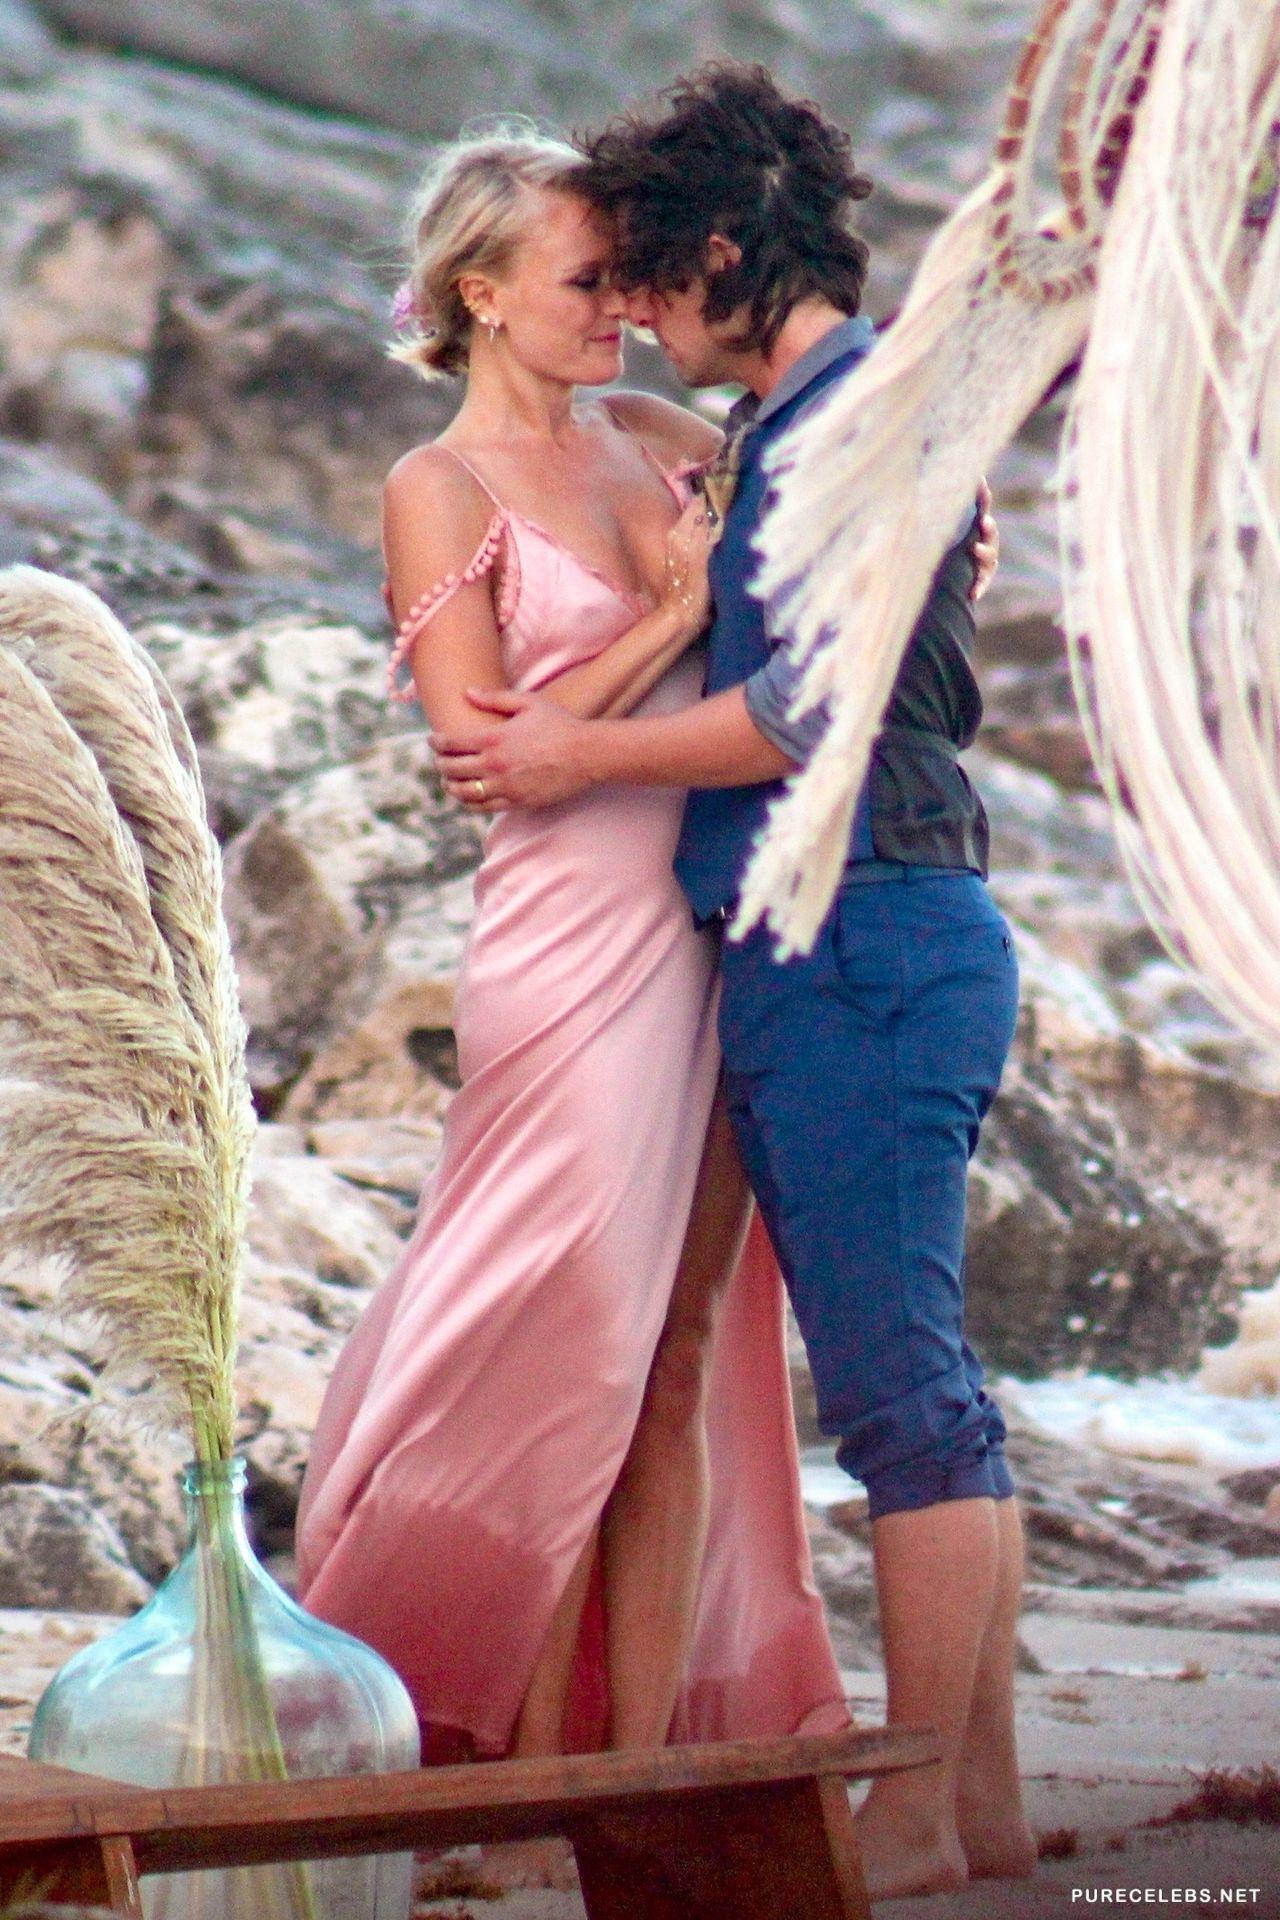 Bikini Hollywood Blog: MALIN AKERMAN PHOTOS IN BIKINI on